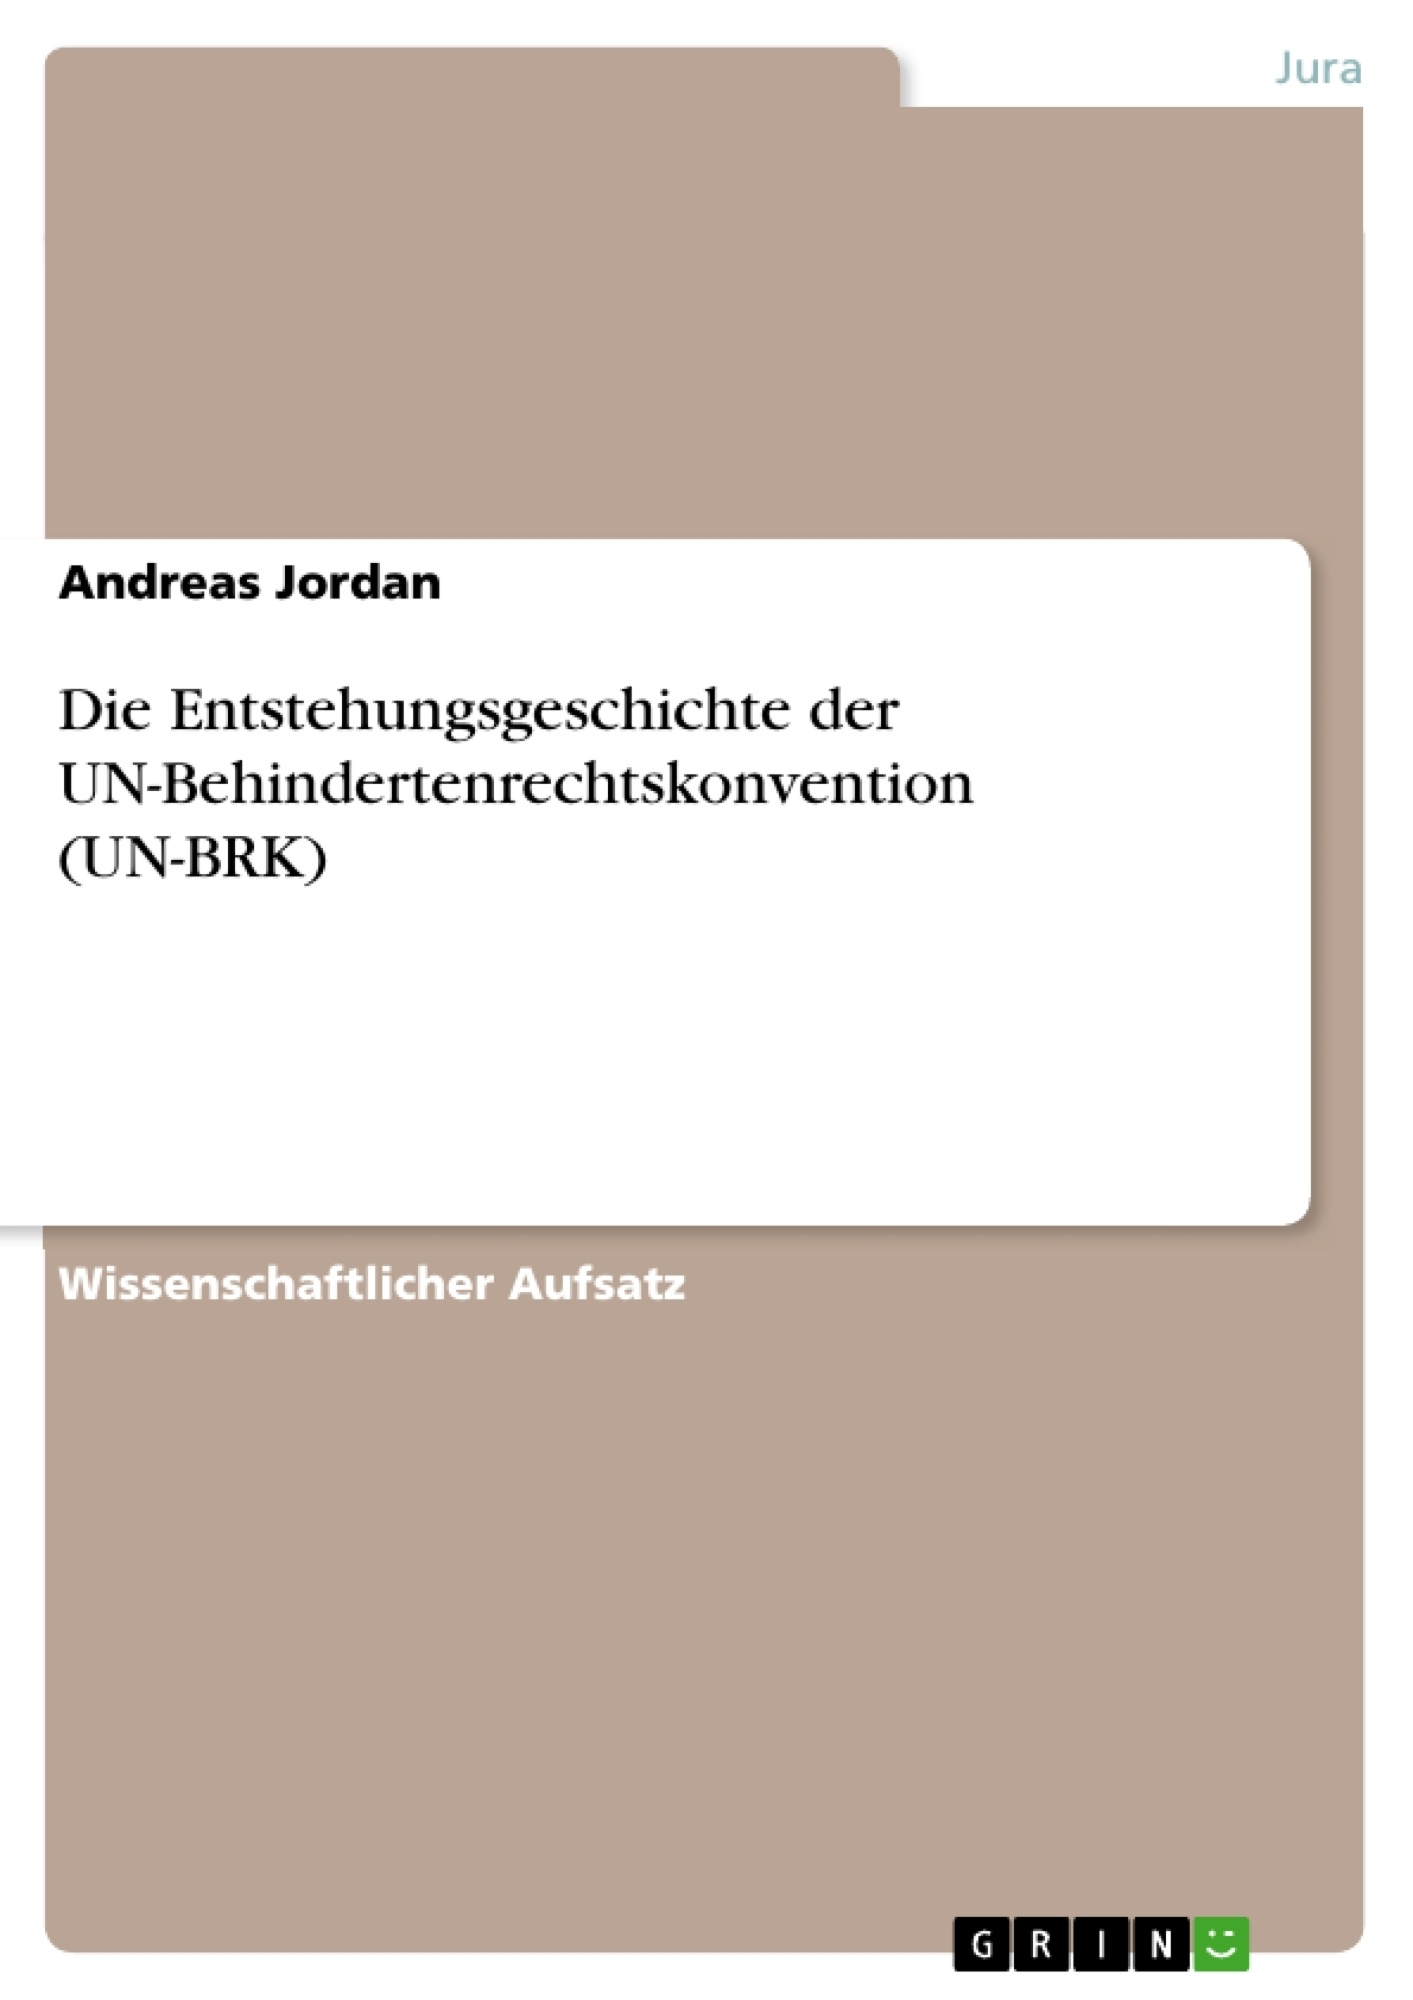 Titel: Die Entstehungsgeschichte der UN-Behindertenrechtskonvention (UN-BRK)